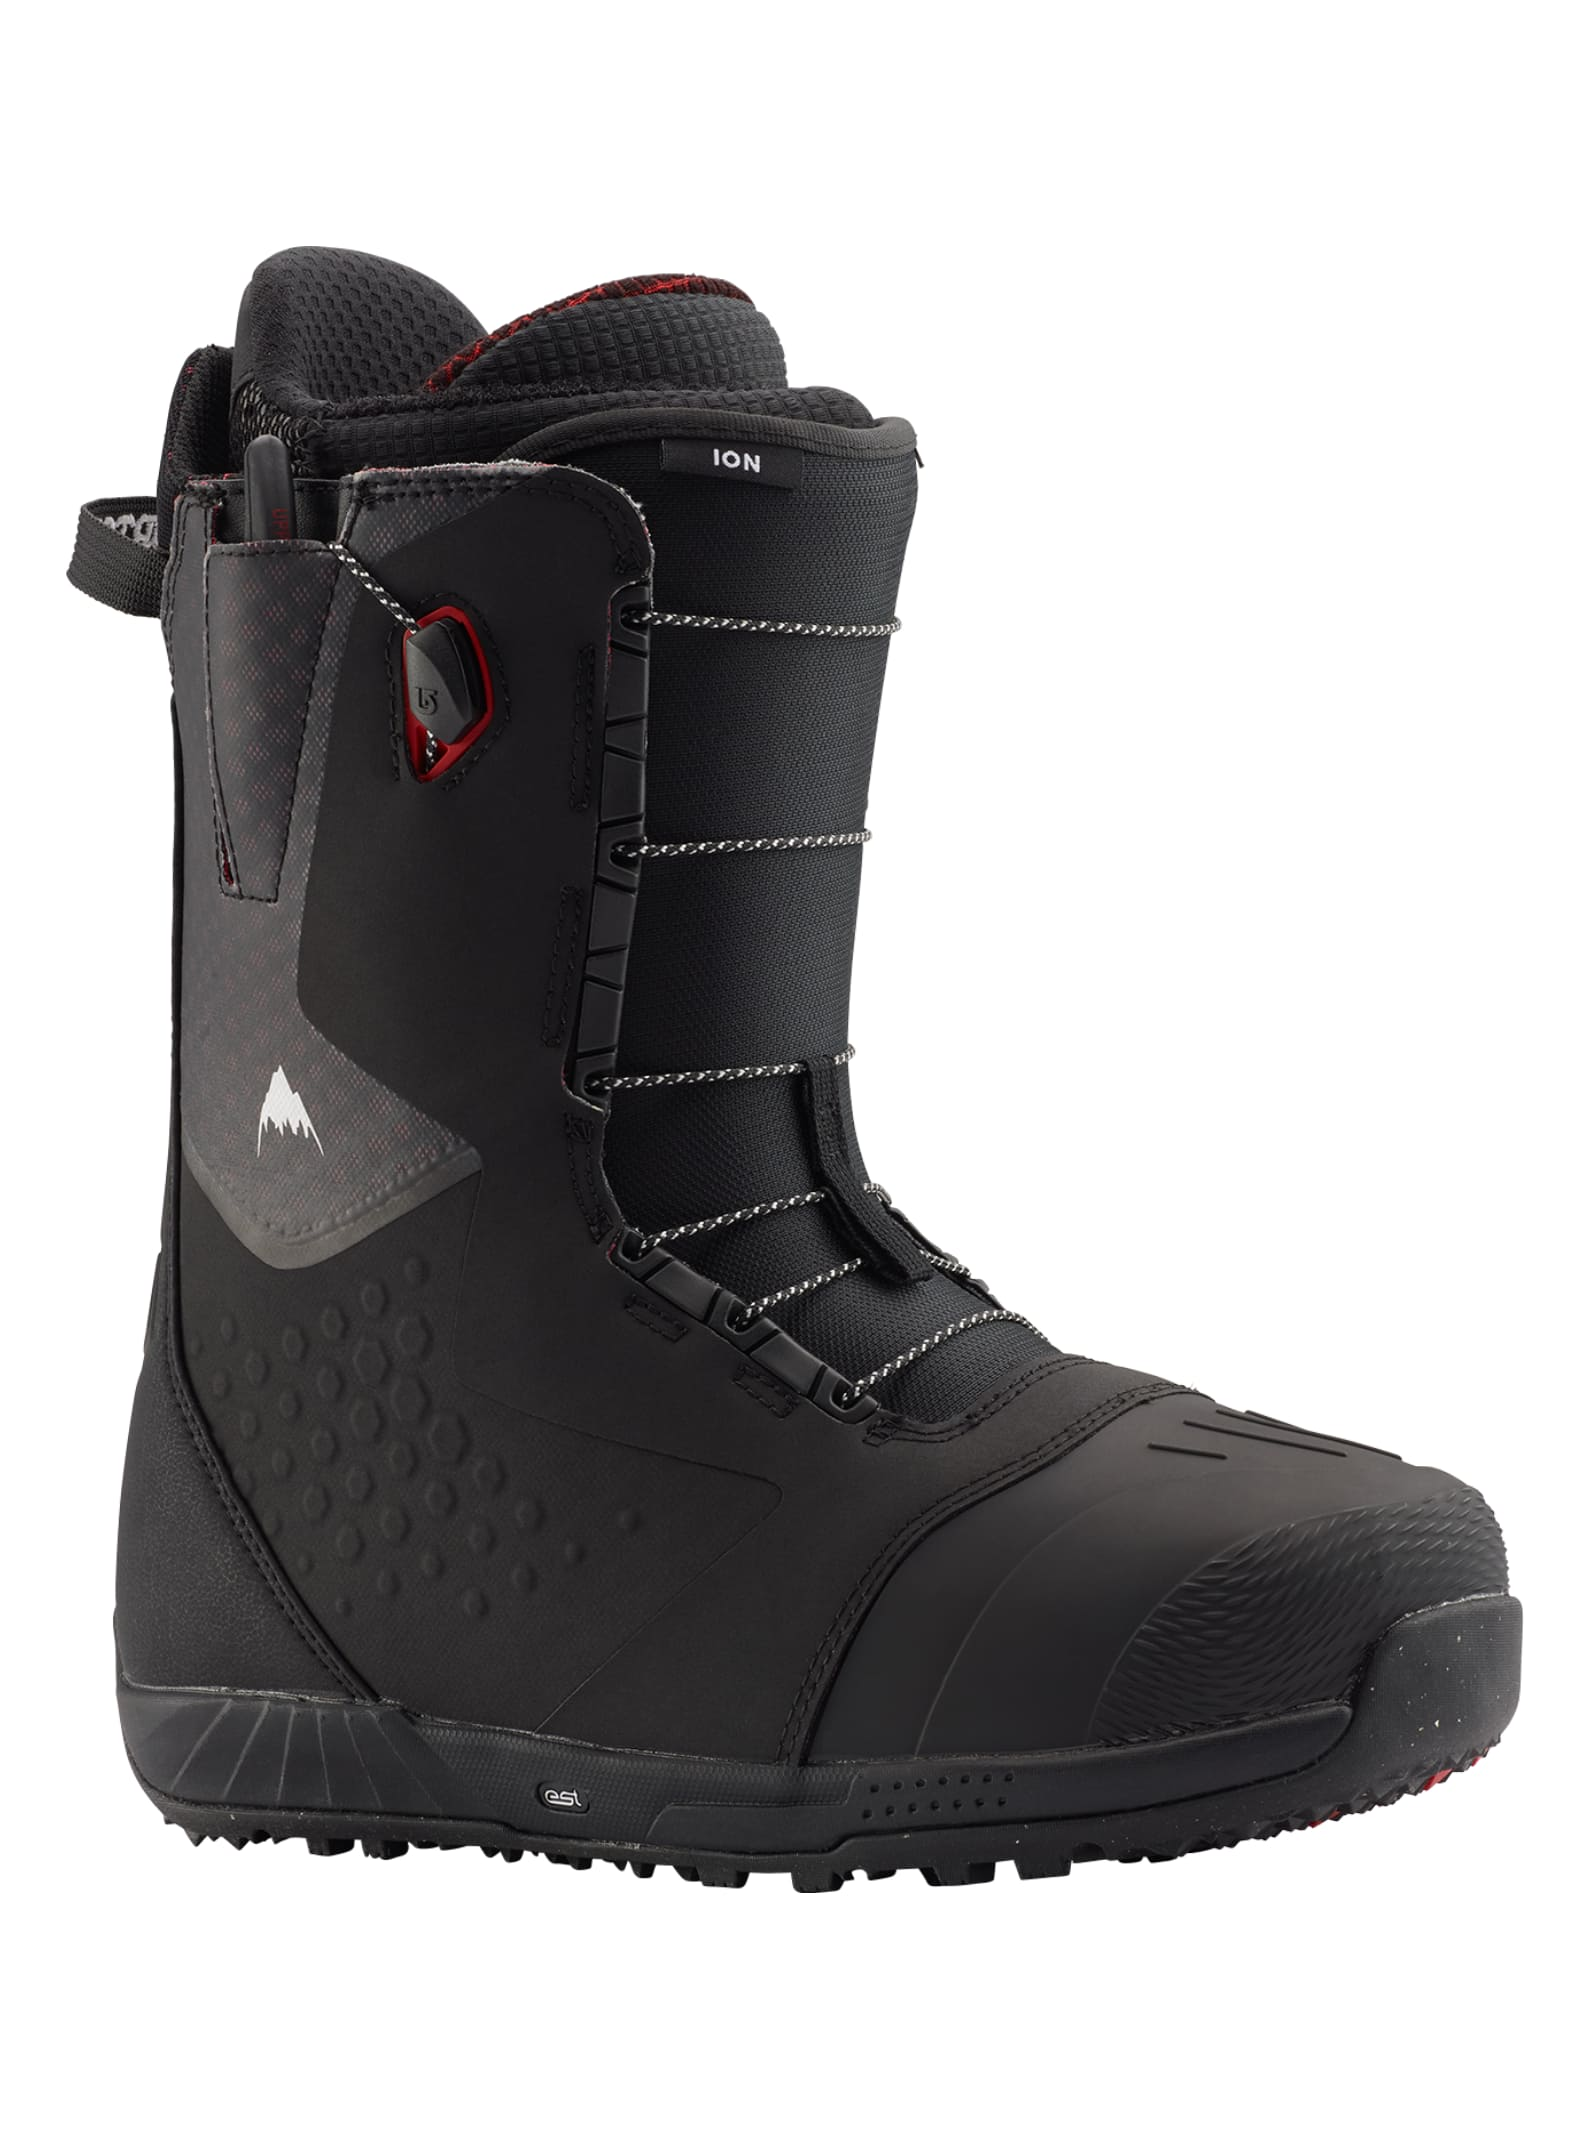 halvat hinnat tiedot ostaa hyvää Men's Burton Ion Snowboard Boot